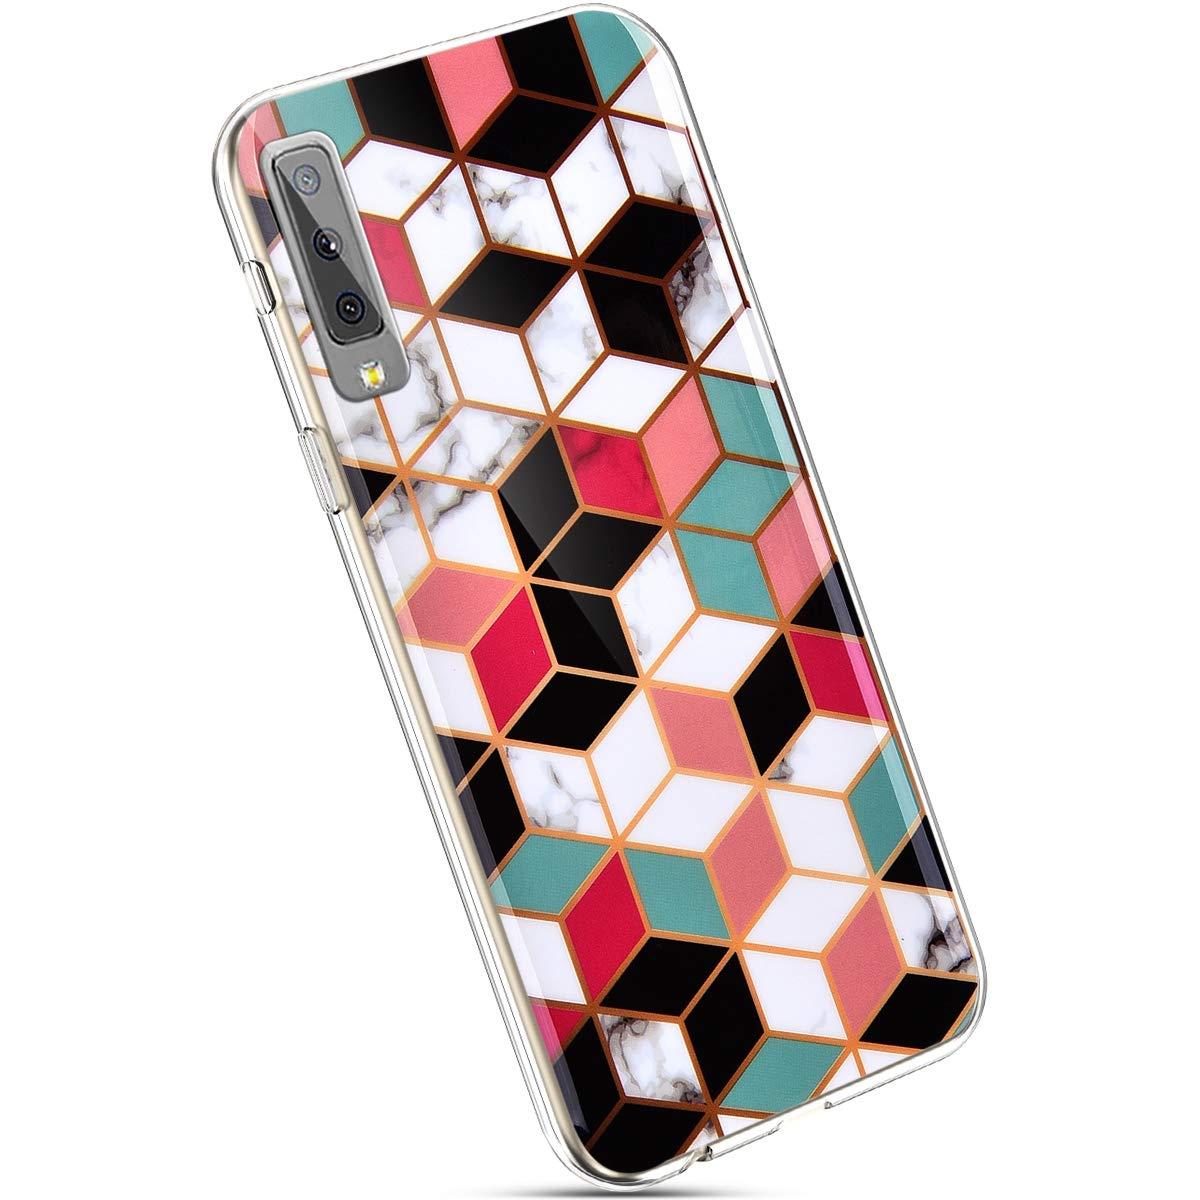 Ysimee Compatible avec Samsung Galaxy A7 2018//A750 Coque Marbre Etui en Silicone Souple Flexible Lustr/é Housse Motif G/éom/étrique Imprim/é TPU Antichoc Bumper Case Ultra Mince L/éger Housse,Marble#10